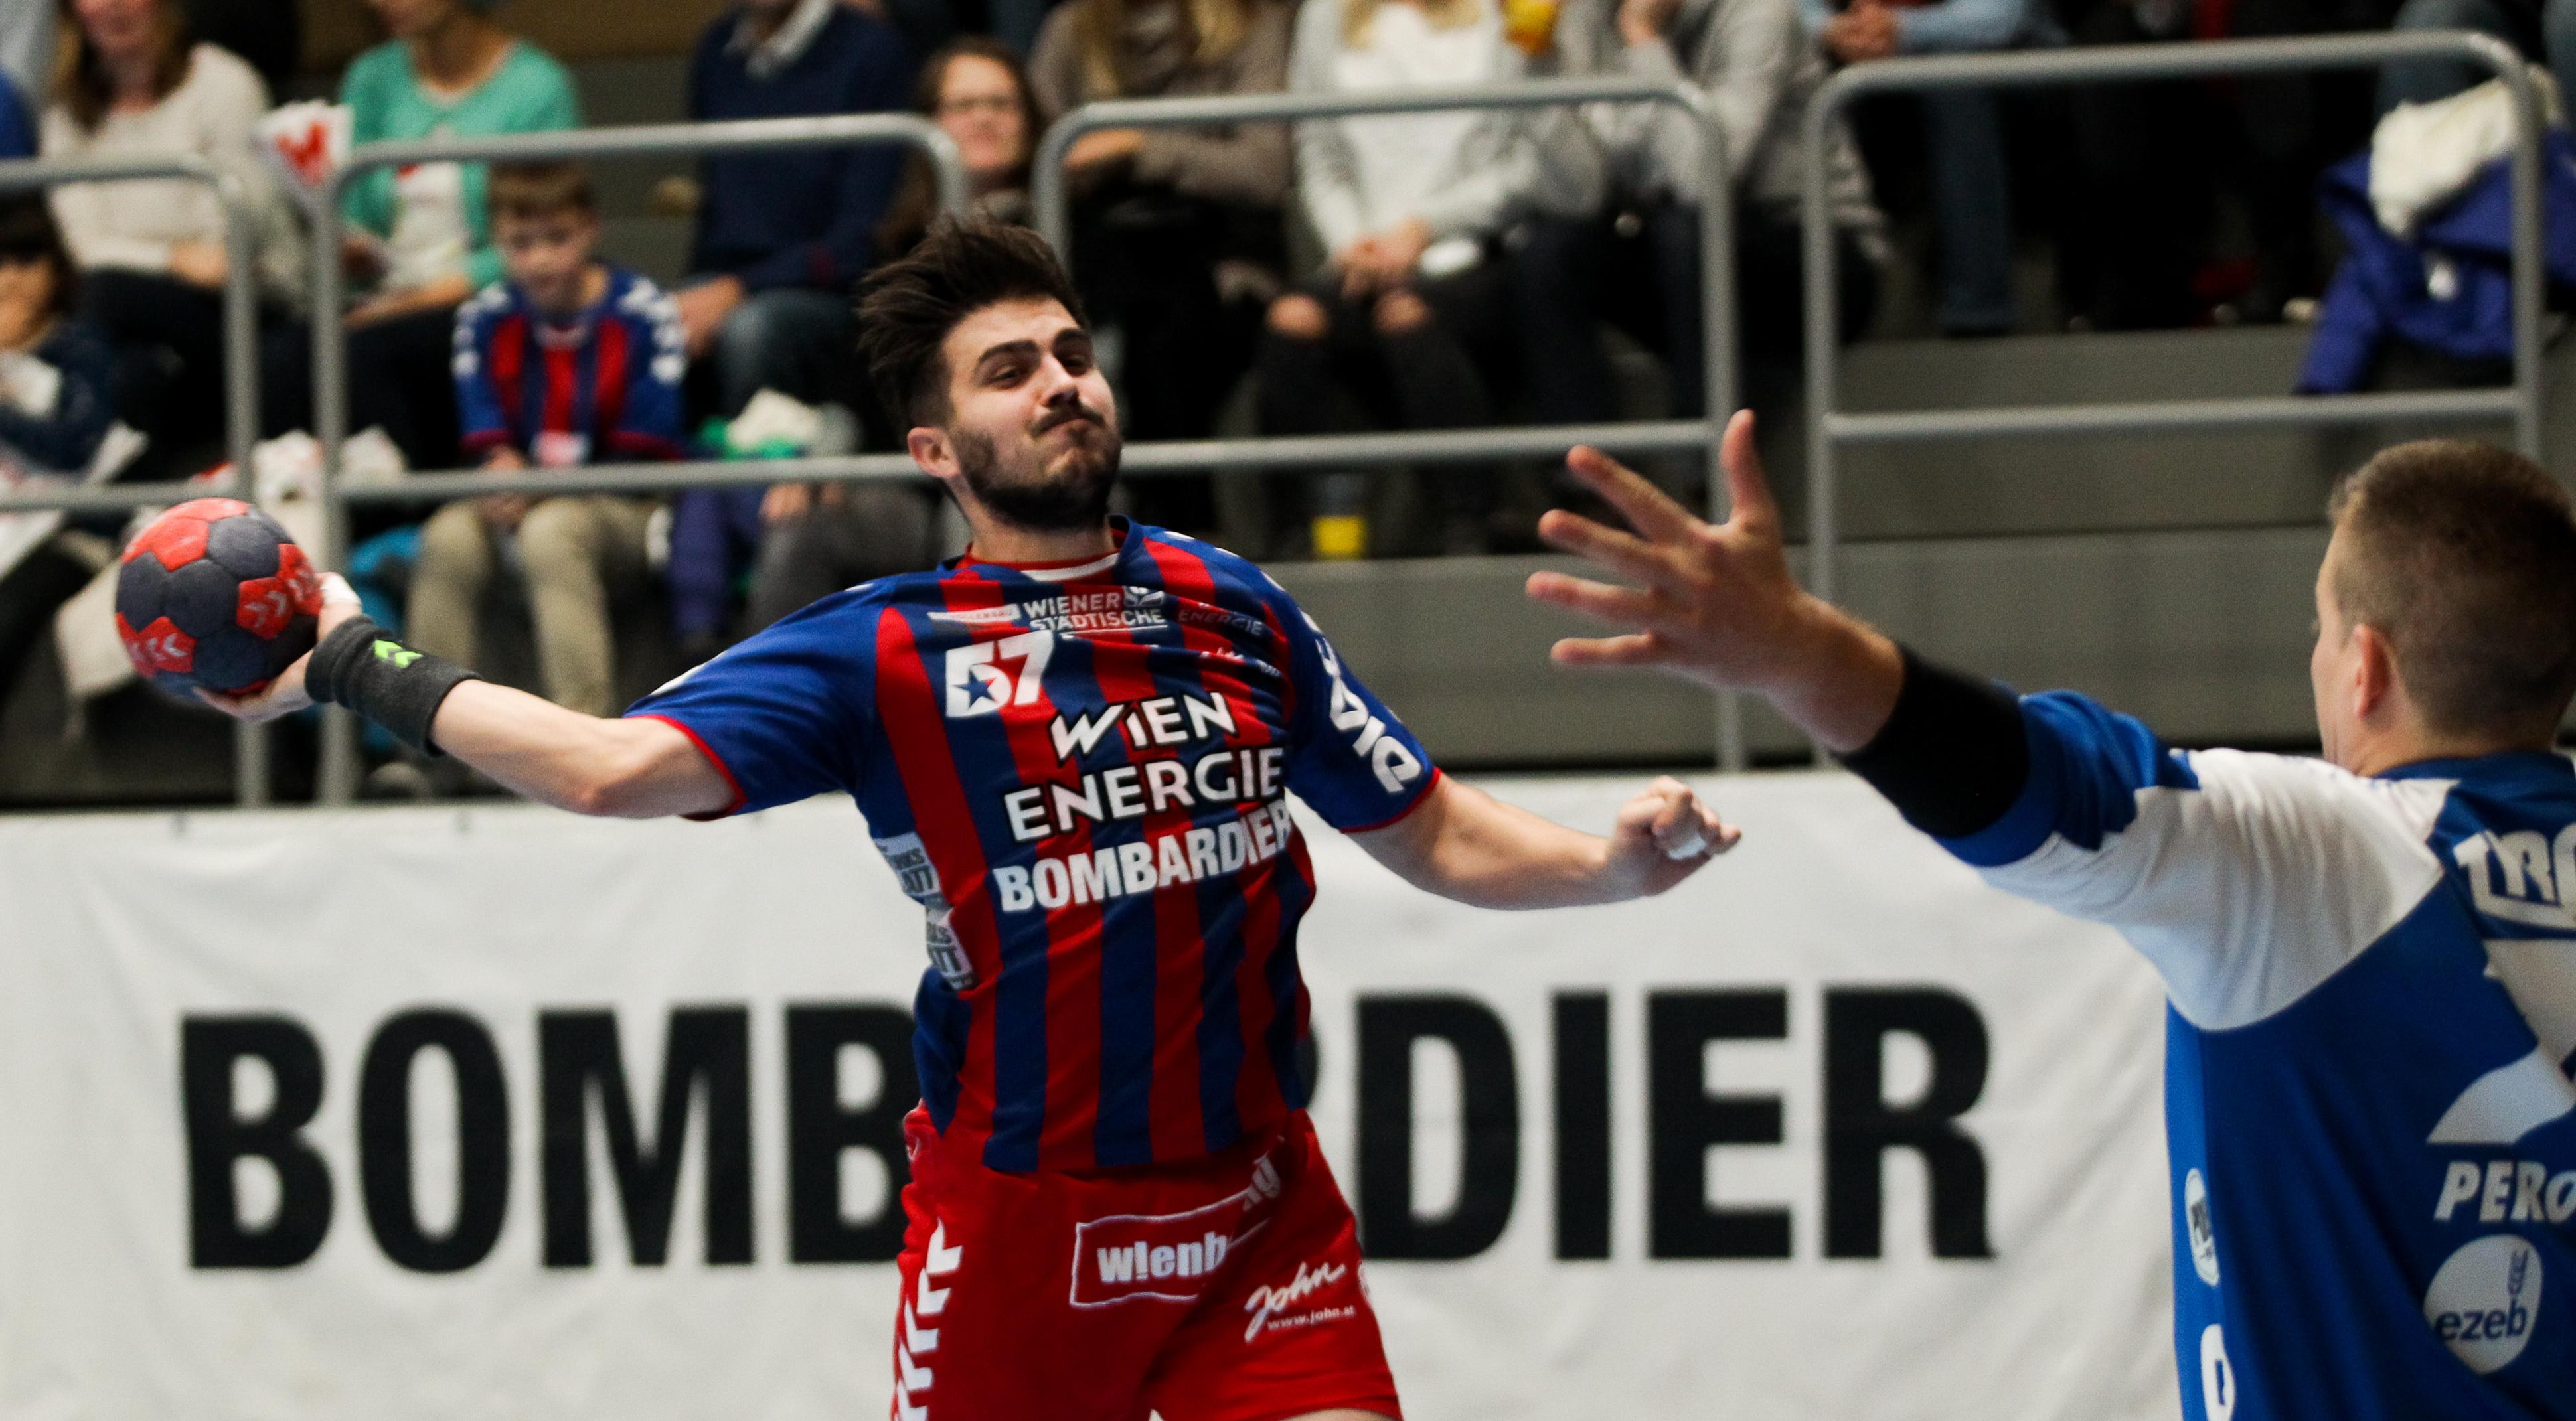 21.12.2018 Handball, HLA, Wien, Hollgasse, Fivers - Schwaz, Herbert Jonas  , Copyright DIENER / Philipp Schalber